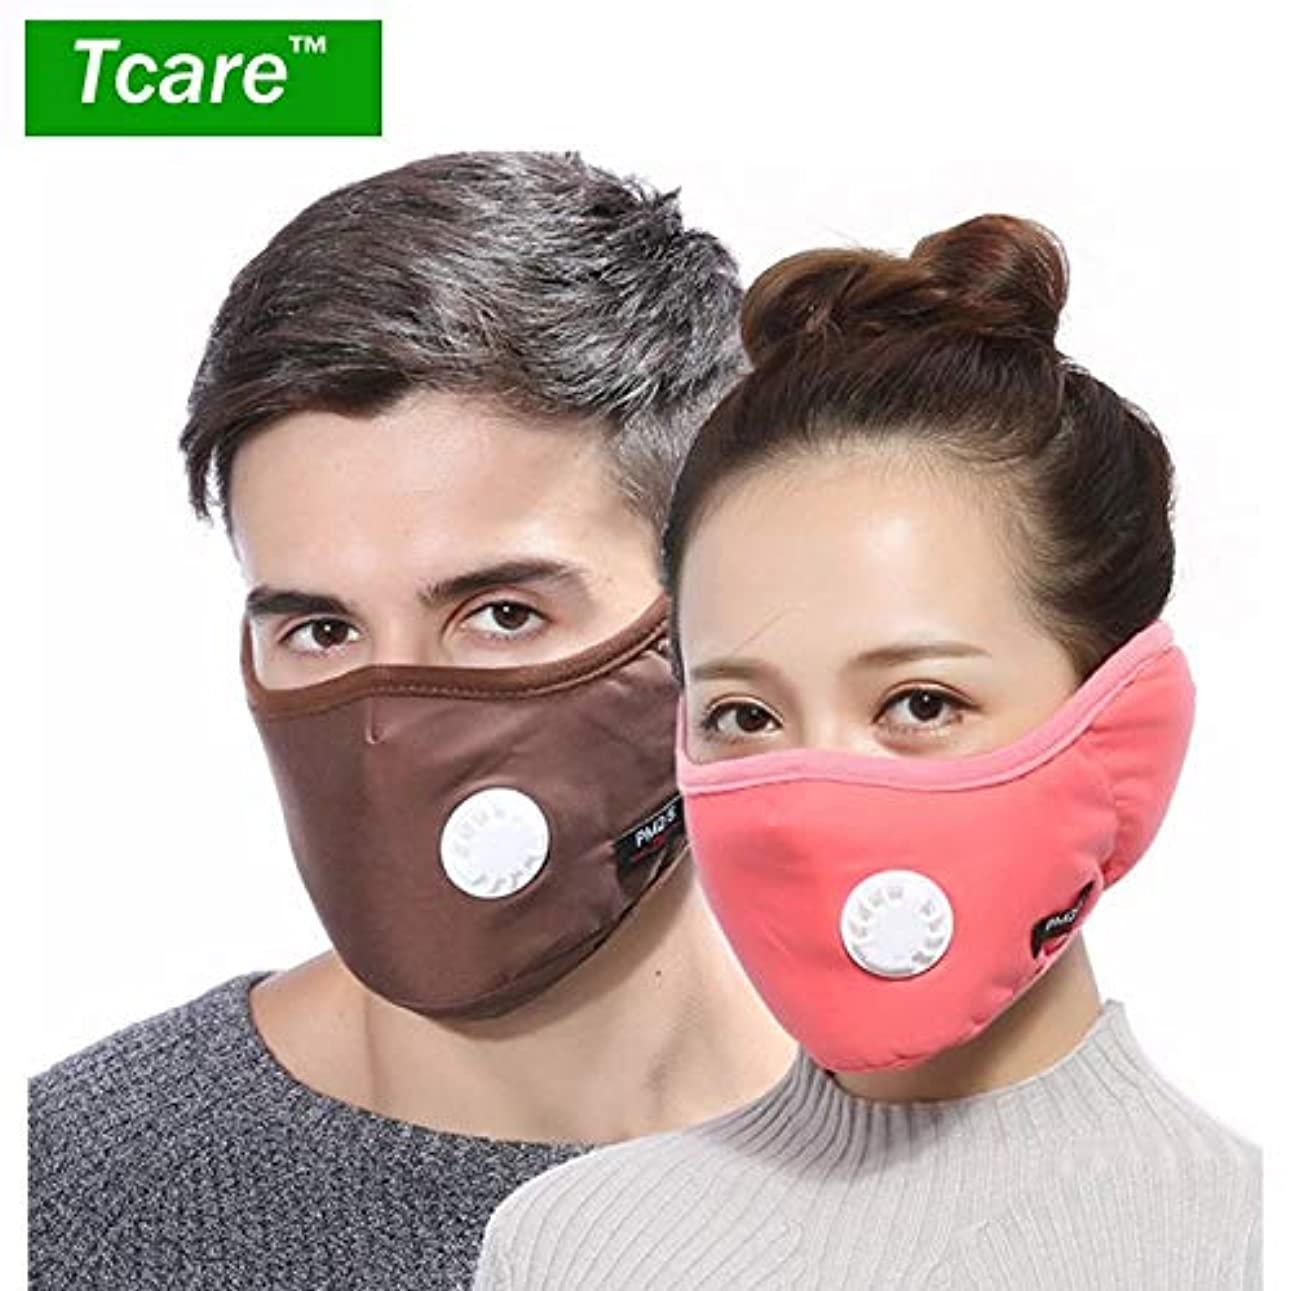 セミナー上がるフィードオン1ブラック:1 PM2.5マスクバルブコットンアンチダスト口マスクの冬のイヤーマフActtedフィルター付マスクでTcare 2